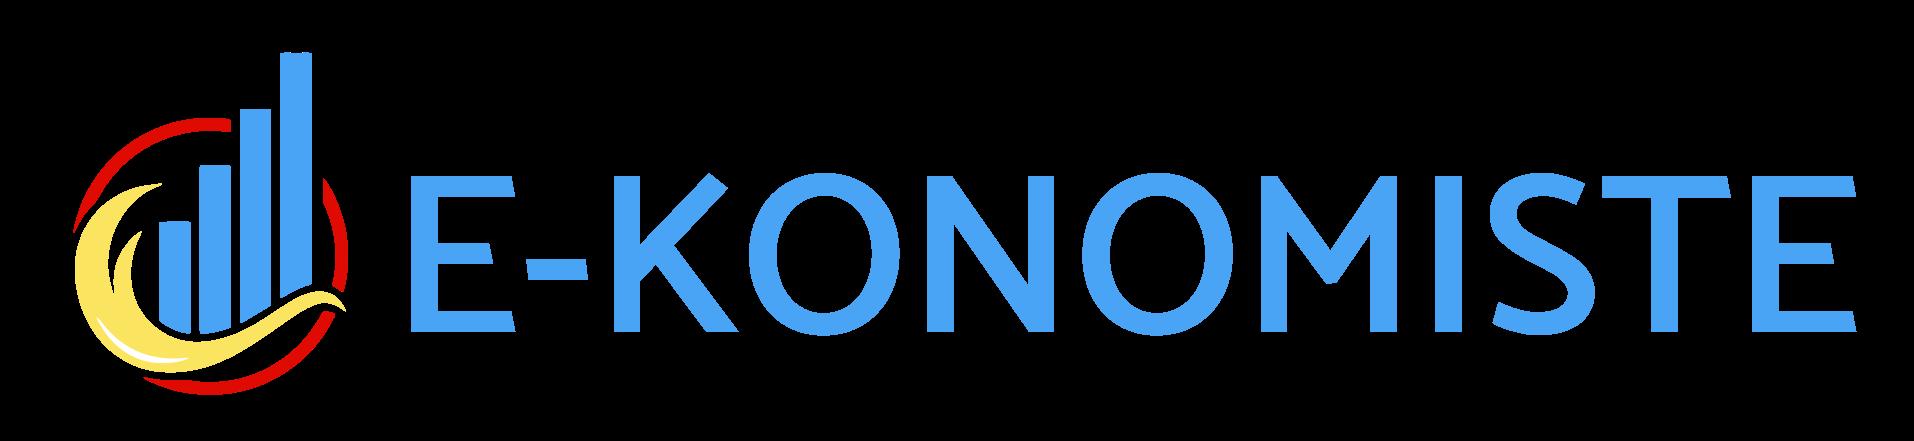 E Konomiste